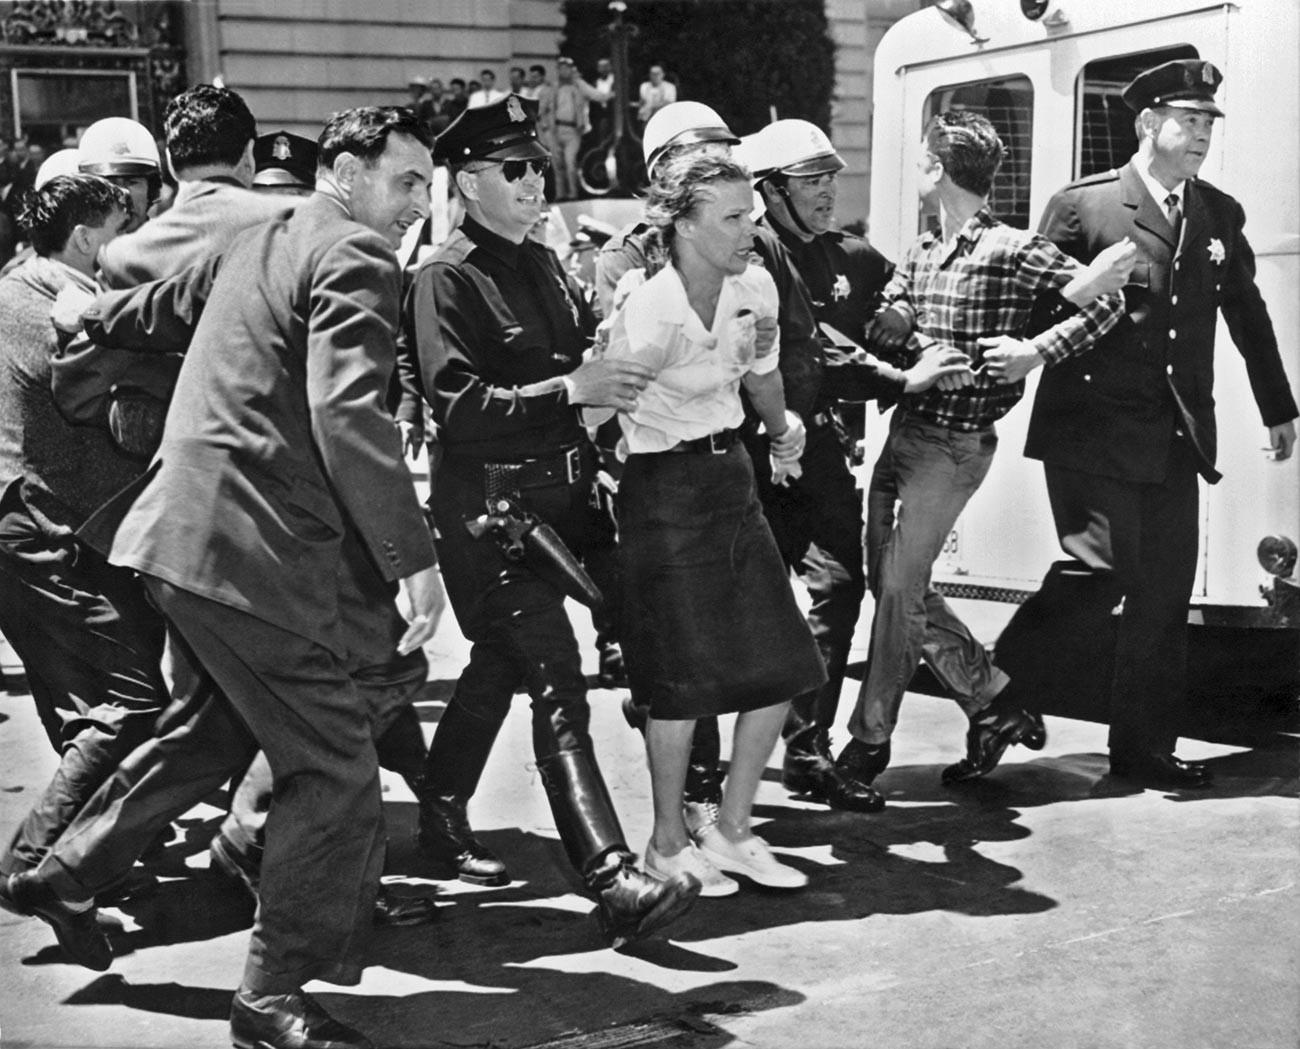 Tre manifestanti della Commissione per le attività antiamericane vengono portati via dalle forze dell'ordine, San Francisco, California, 1961